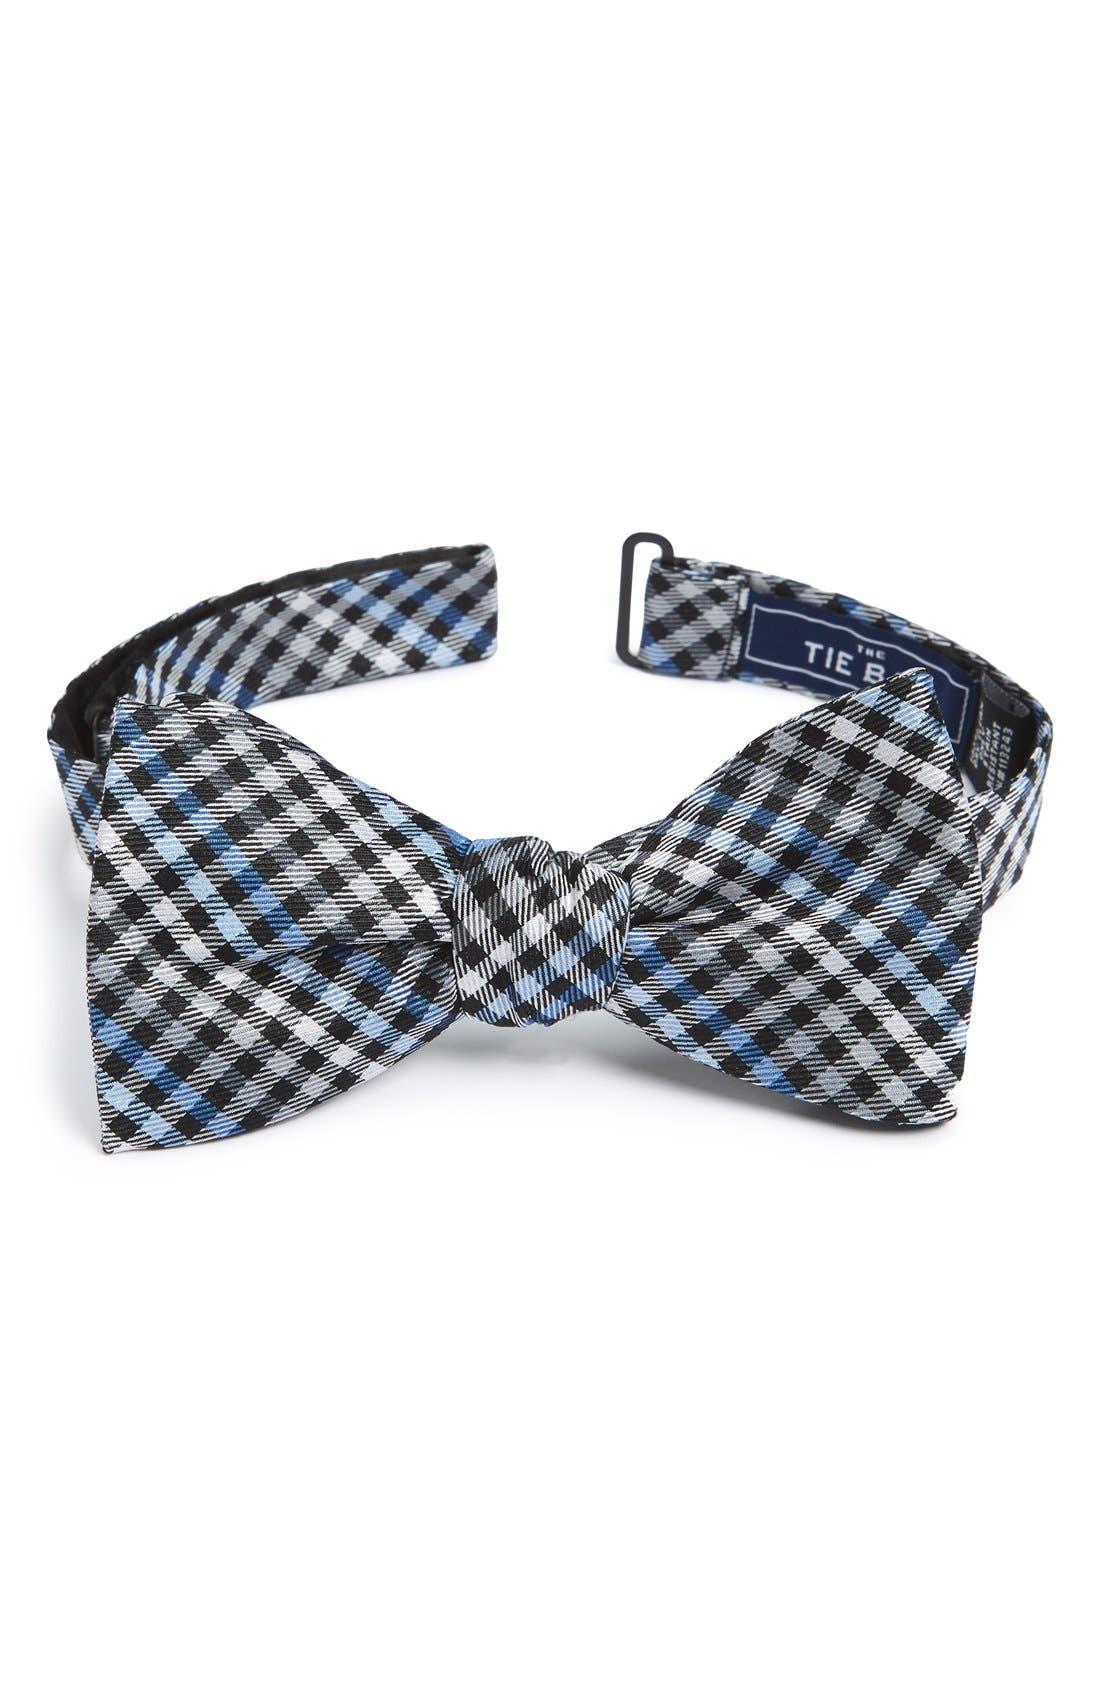 Plaid Bow Tie,                             Main thumbnail 1, color,                             001